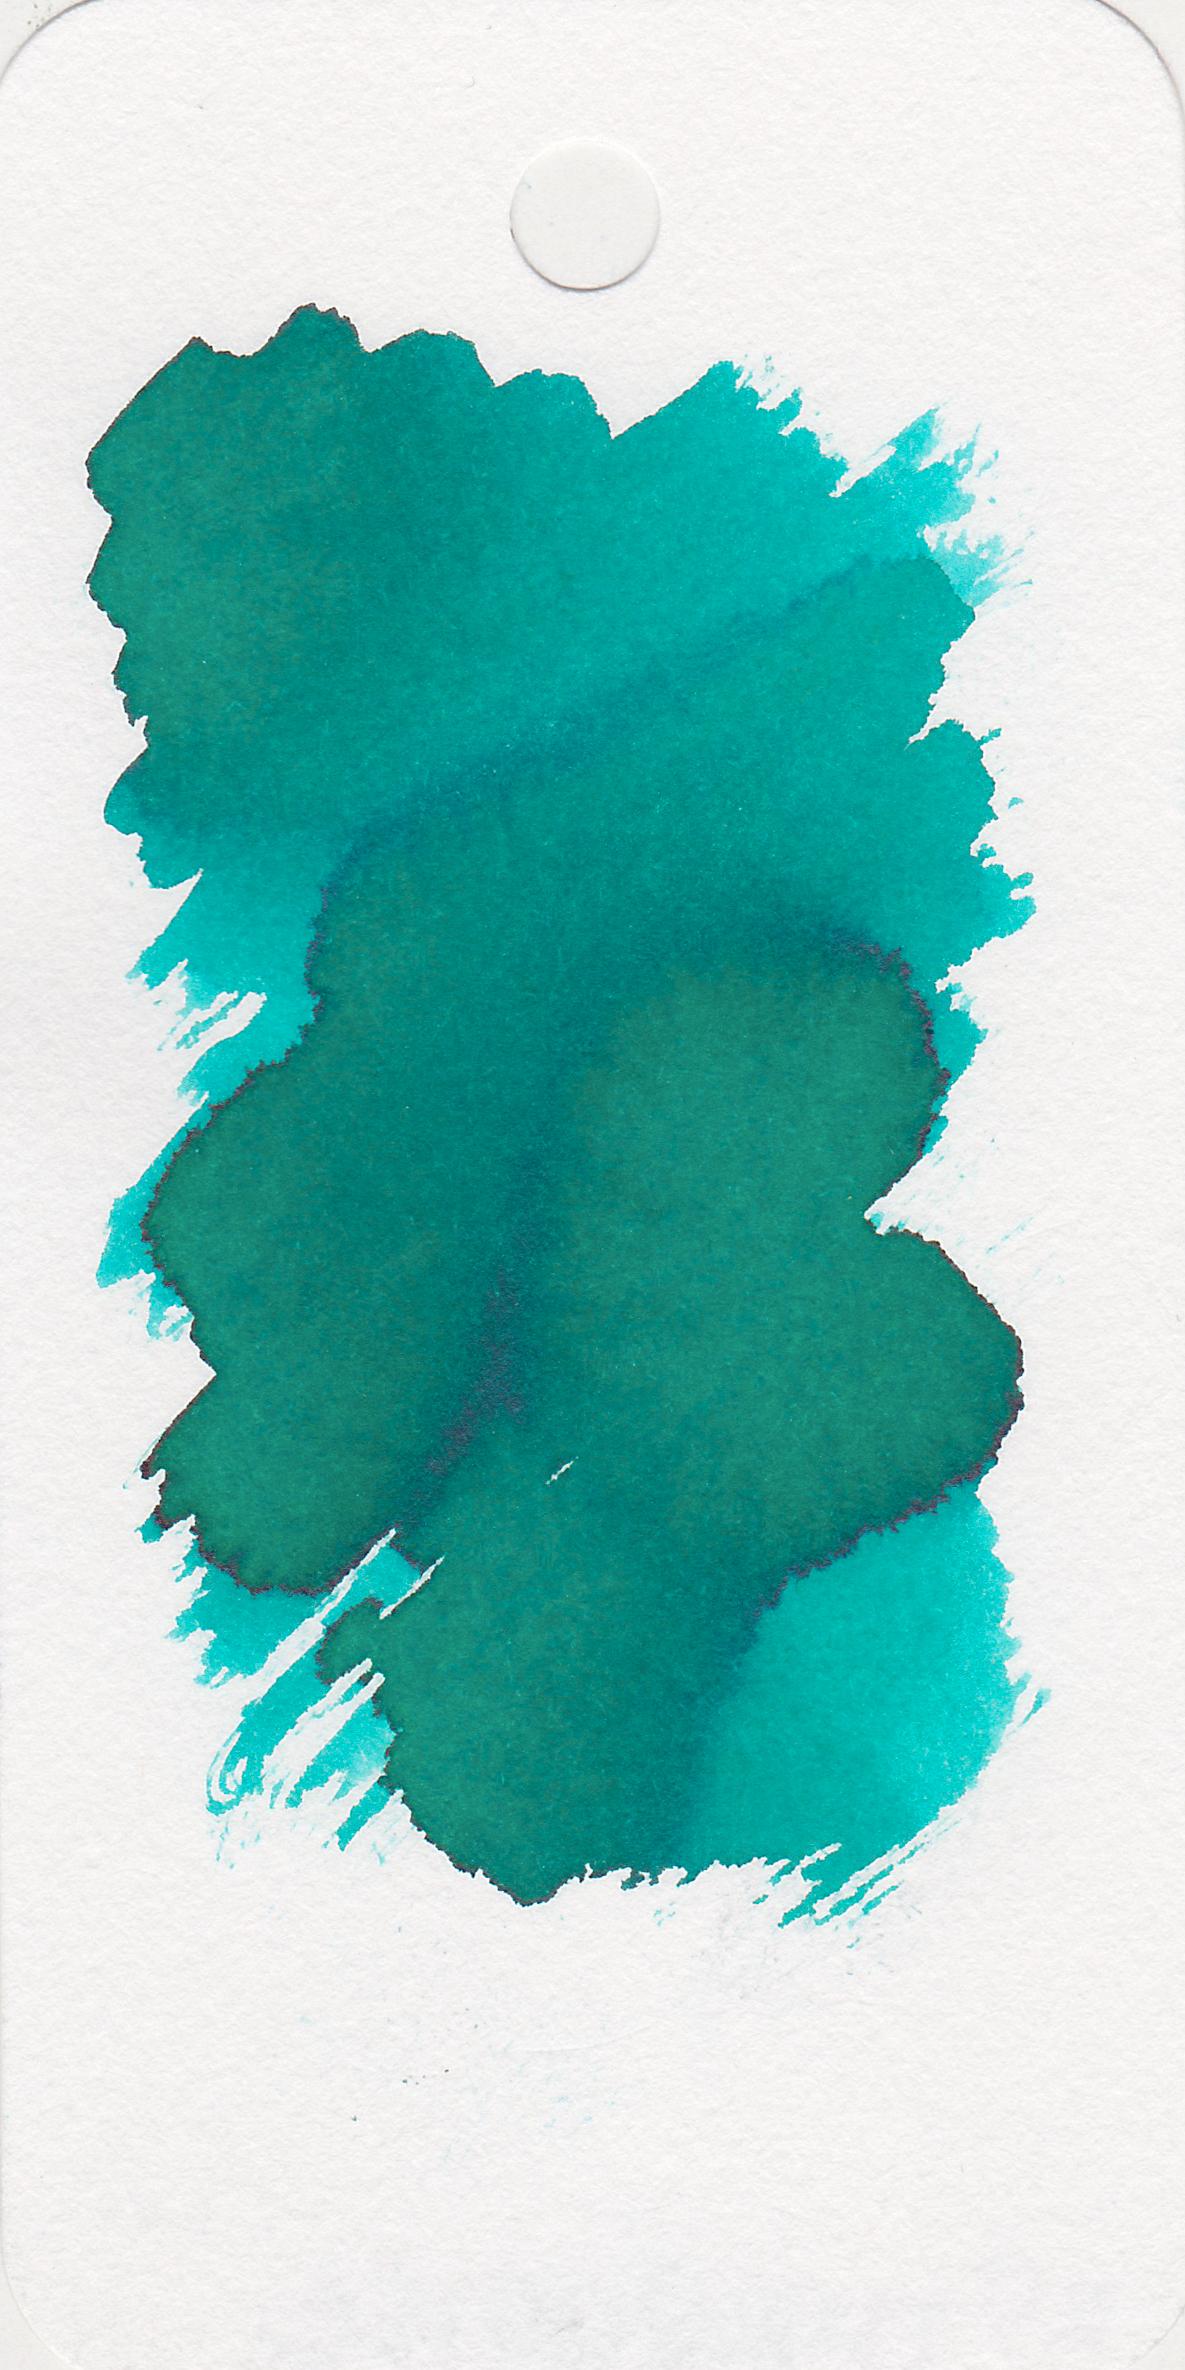 ro-morning-mist-2.jpg